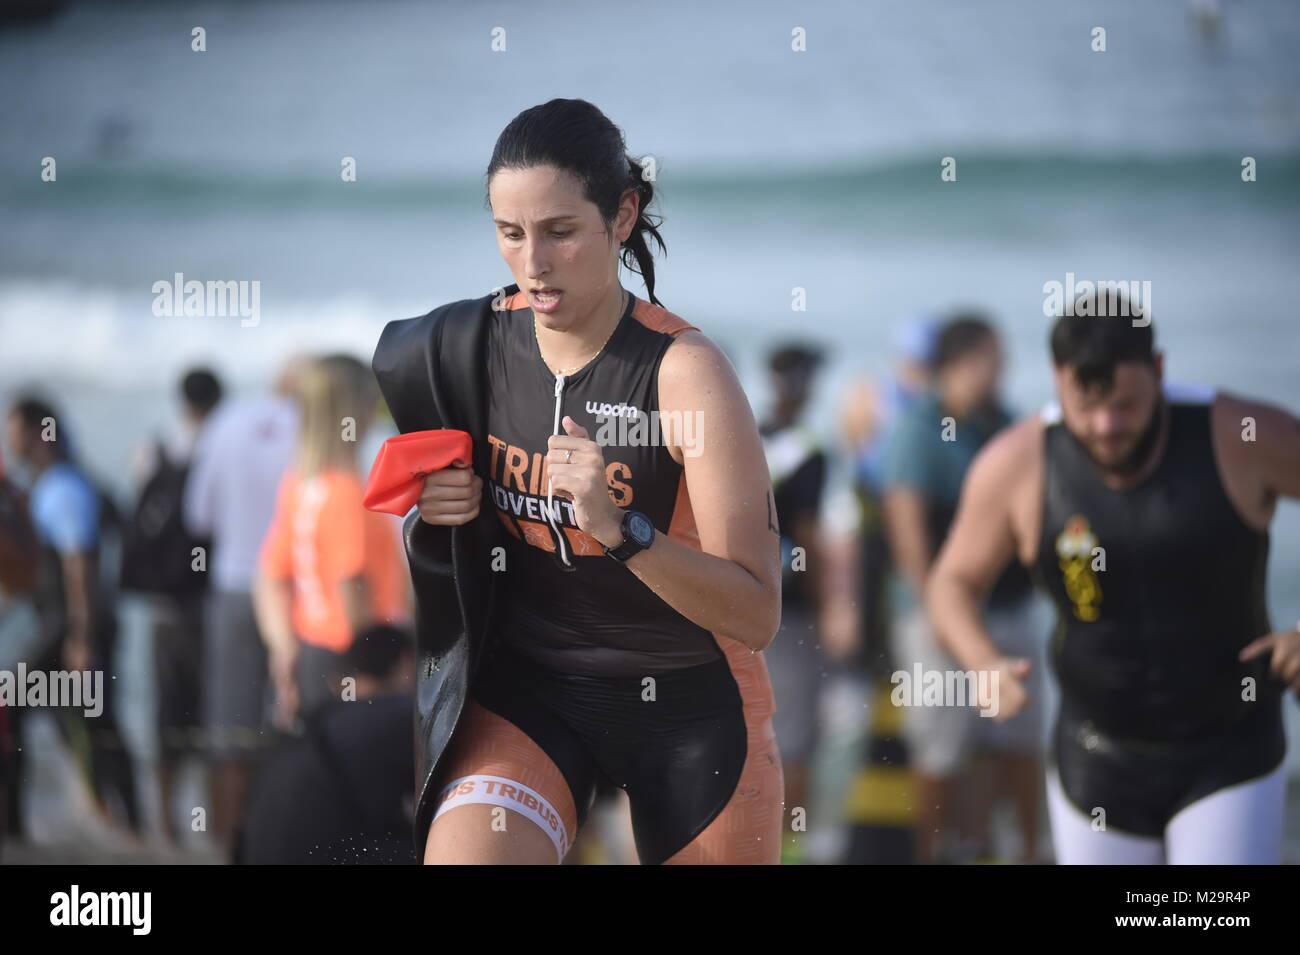 Rio de Janeiro - Brasile Ottobre 15, 2016 - concorrenti nel triathlon nella spiaggia di Barra da Tijuca Foto Stock